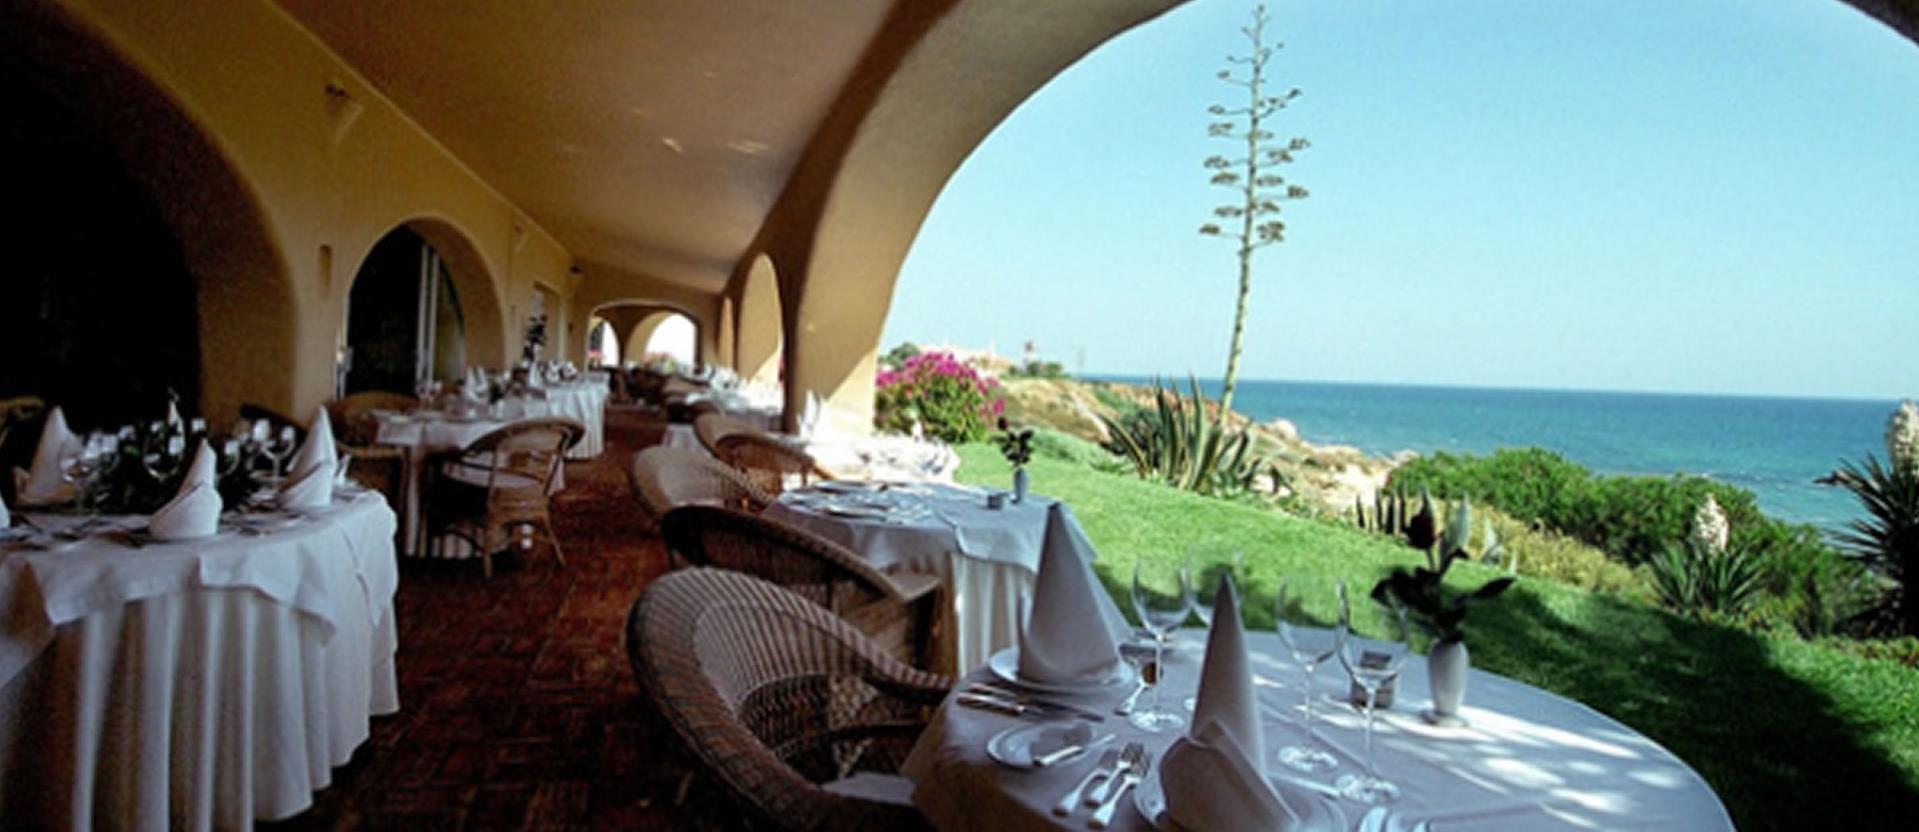 Michelin star restaurants: Vila Joya restaurant michelin star restaurants Michelin star restaurants: The complete guide for 2019 restaurante gourmet vila joya